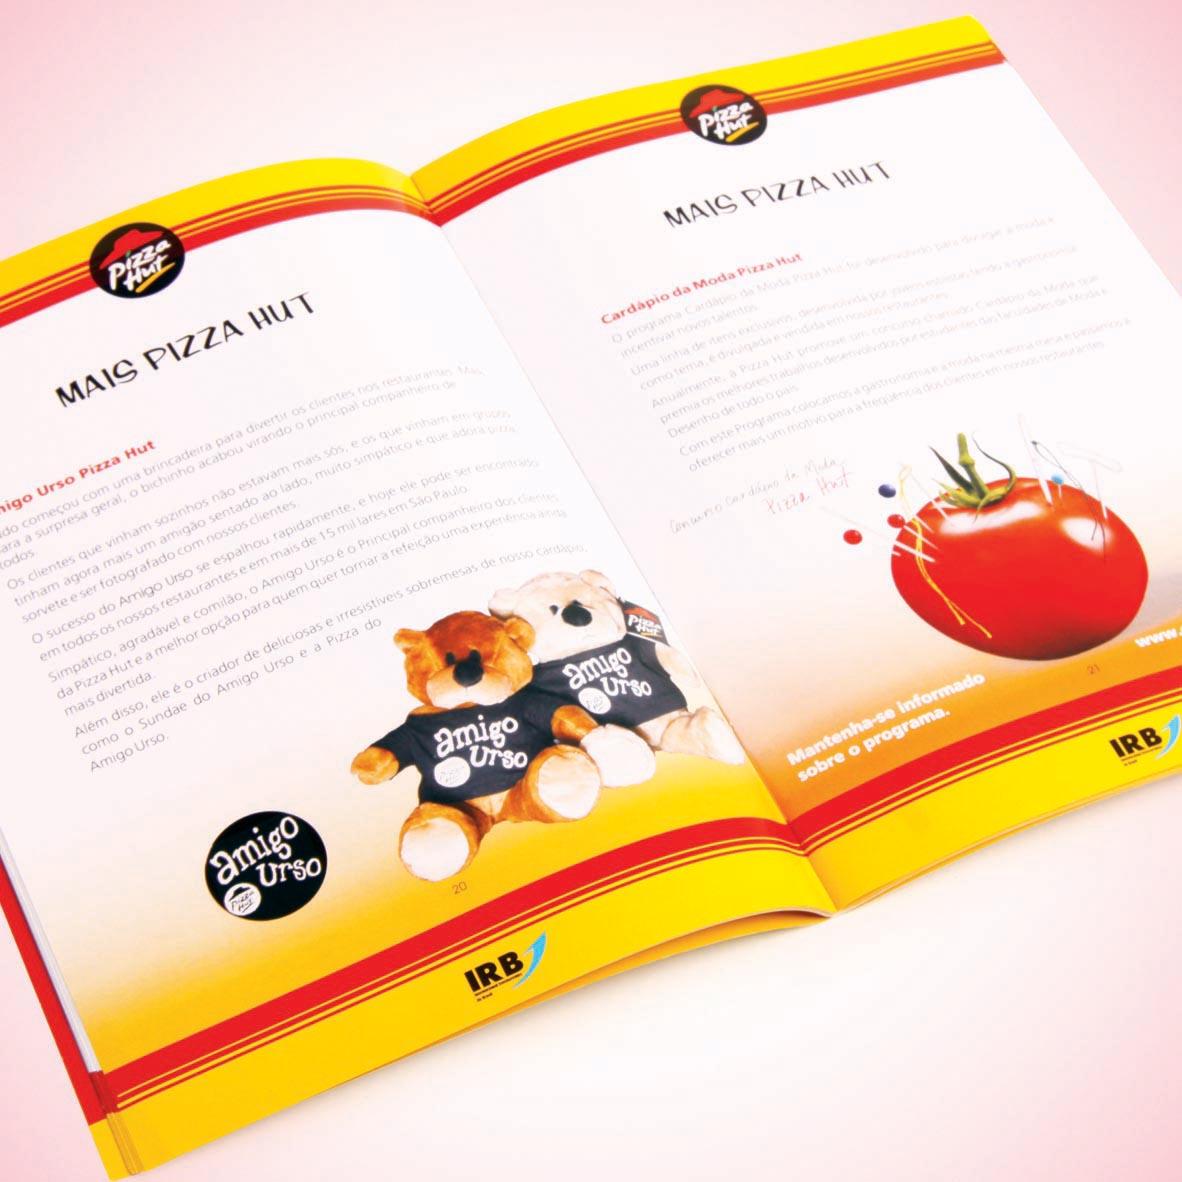 revistas porto alegre - Revistas personalizadas em pequenas quantidades online.